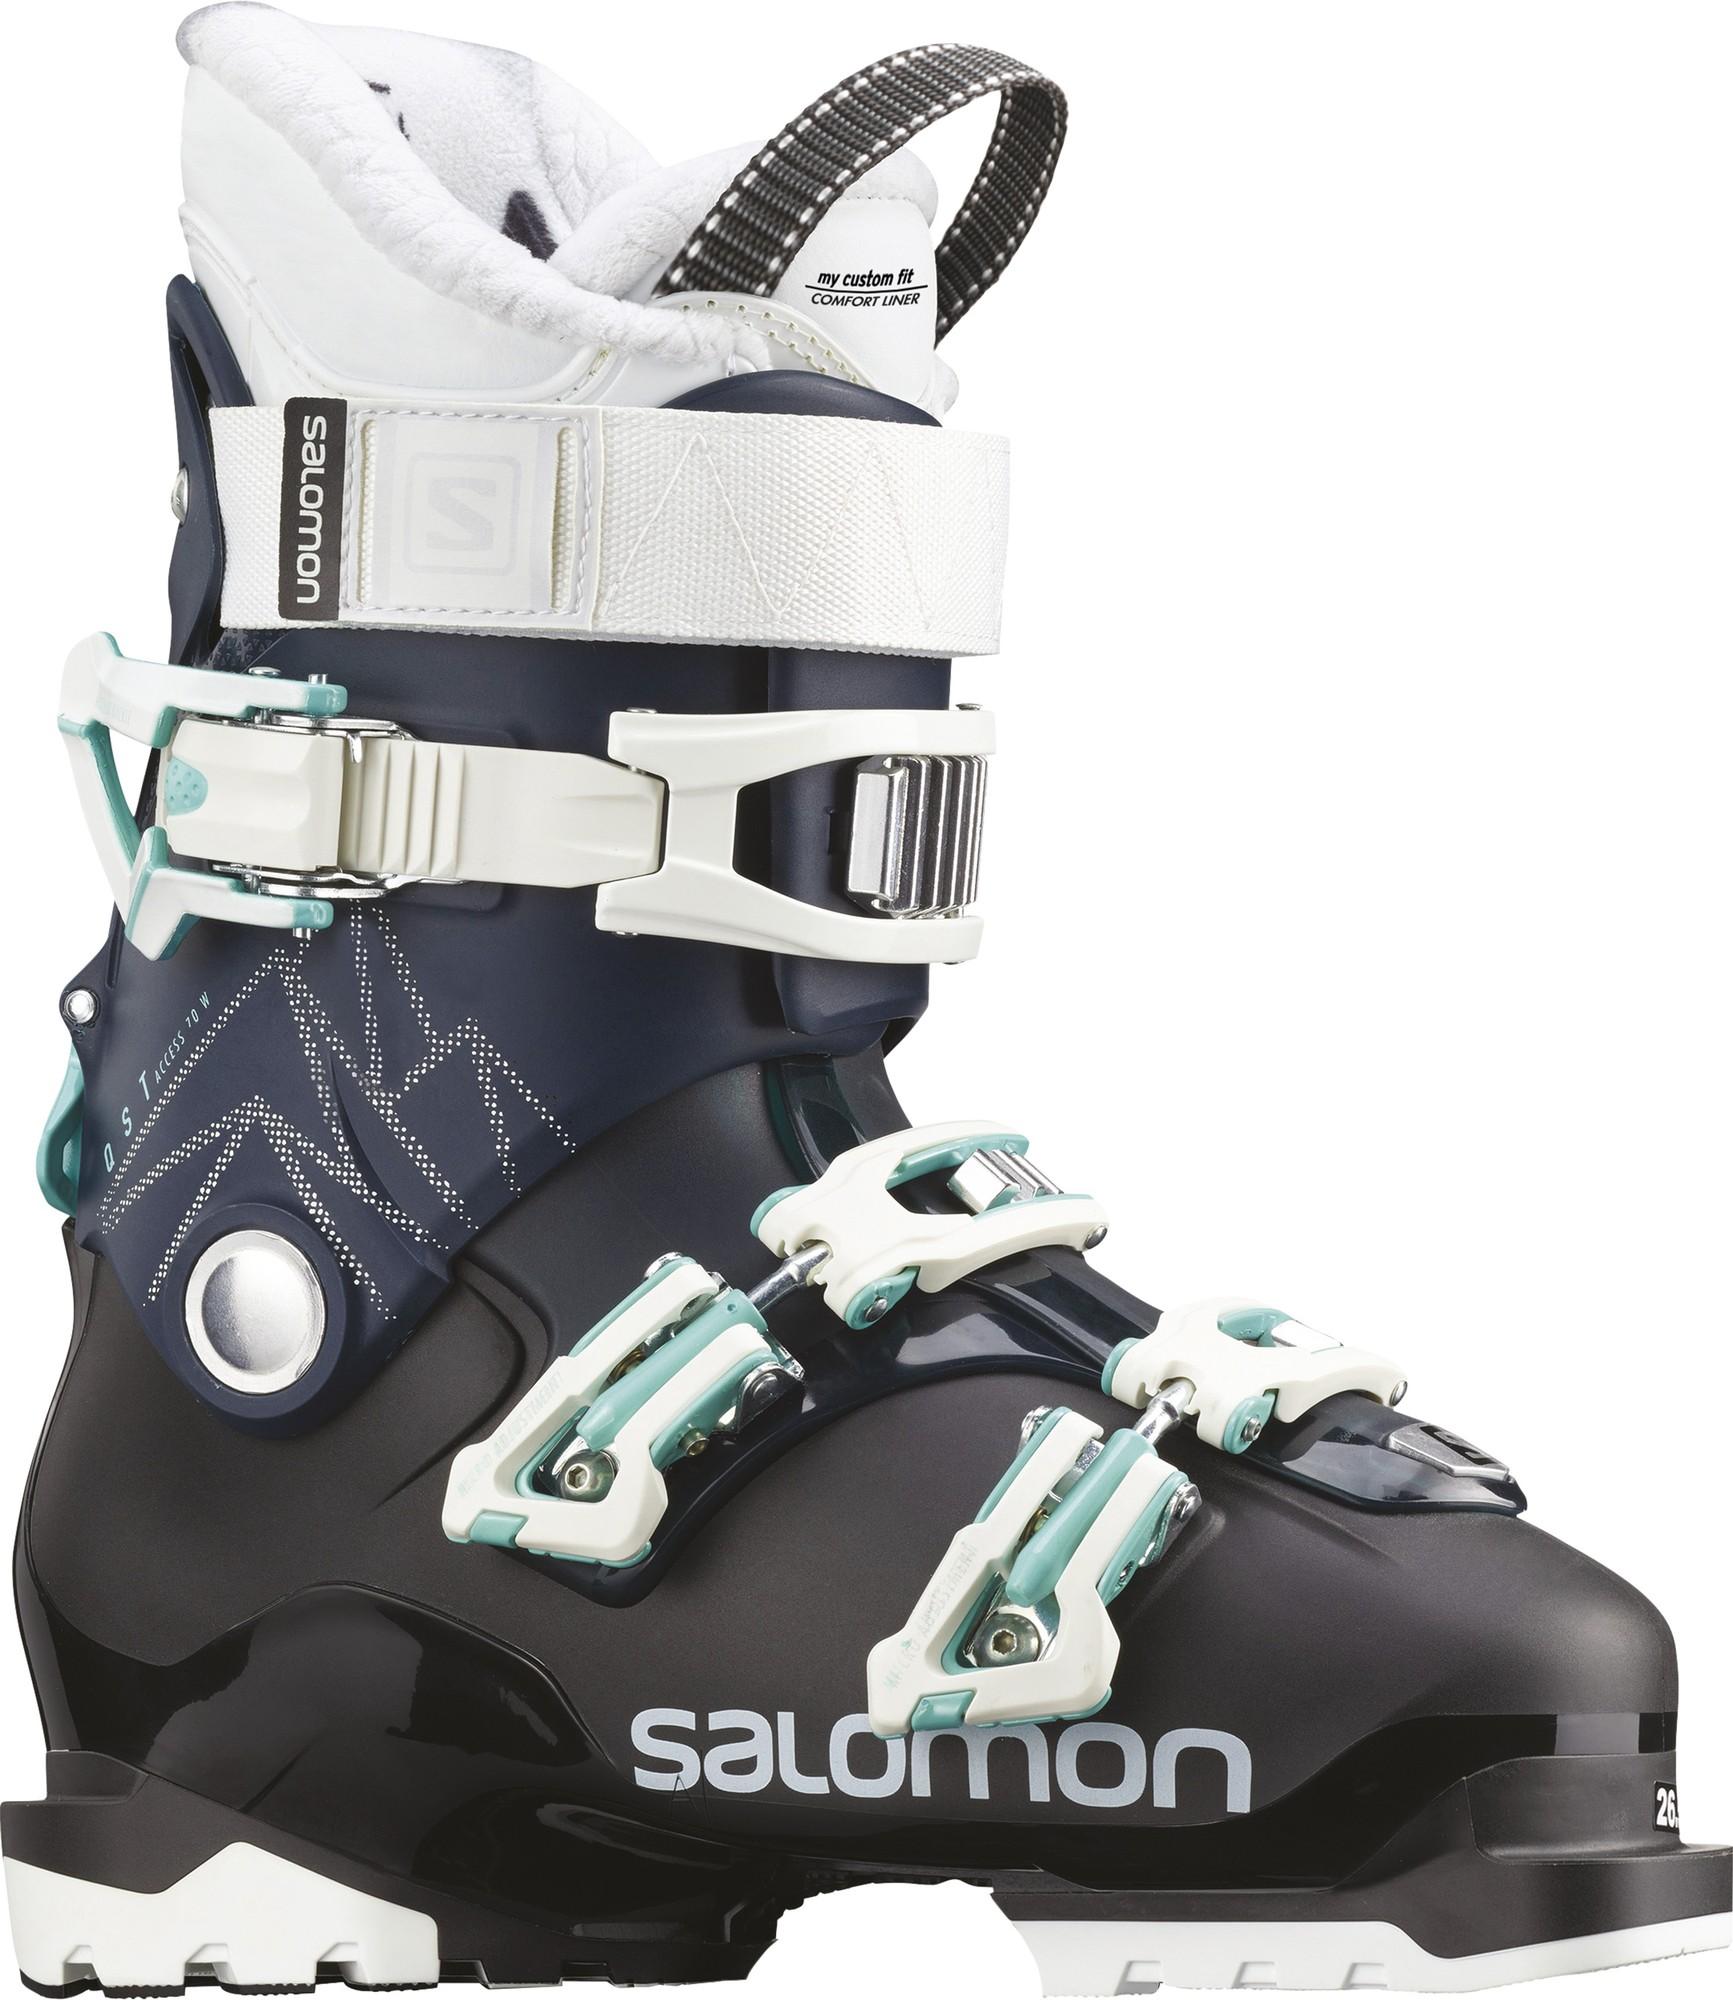 Salomon Ботинки горнолыжные женские Salomon QST Access 70, размер 27 см цена